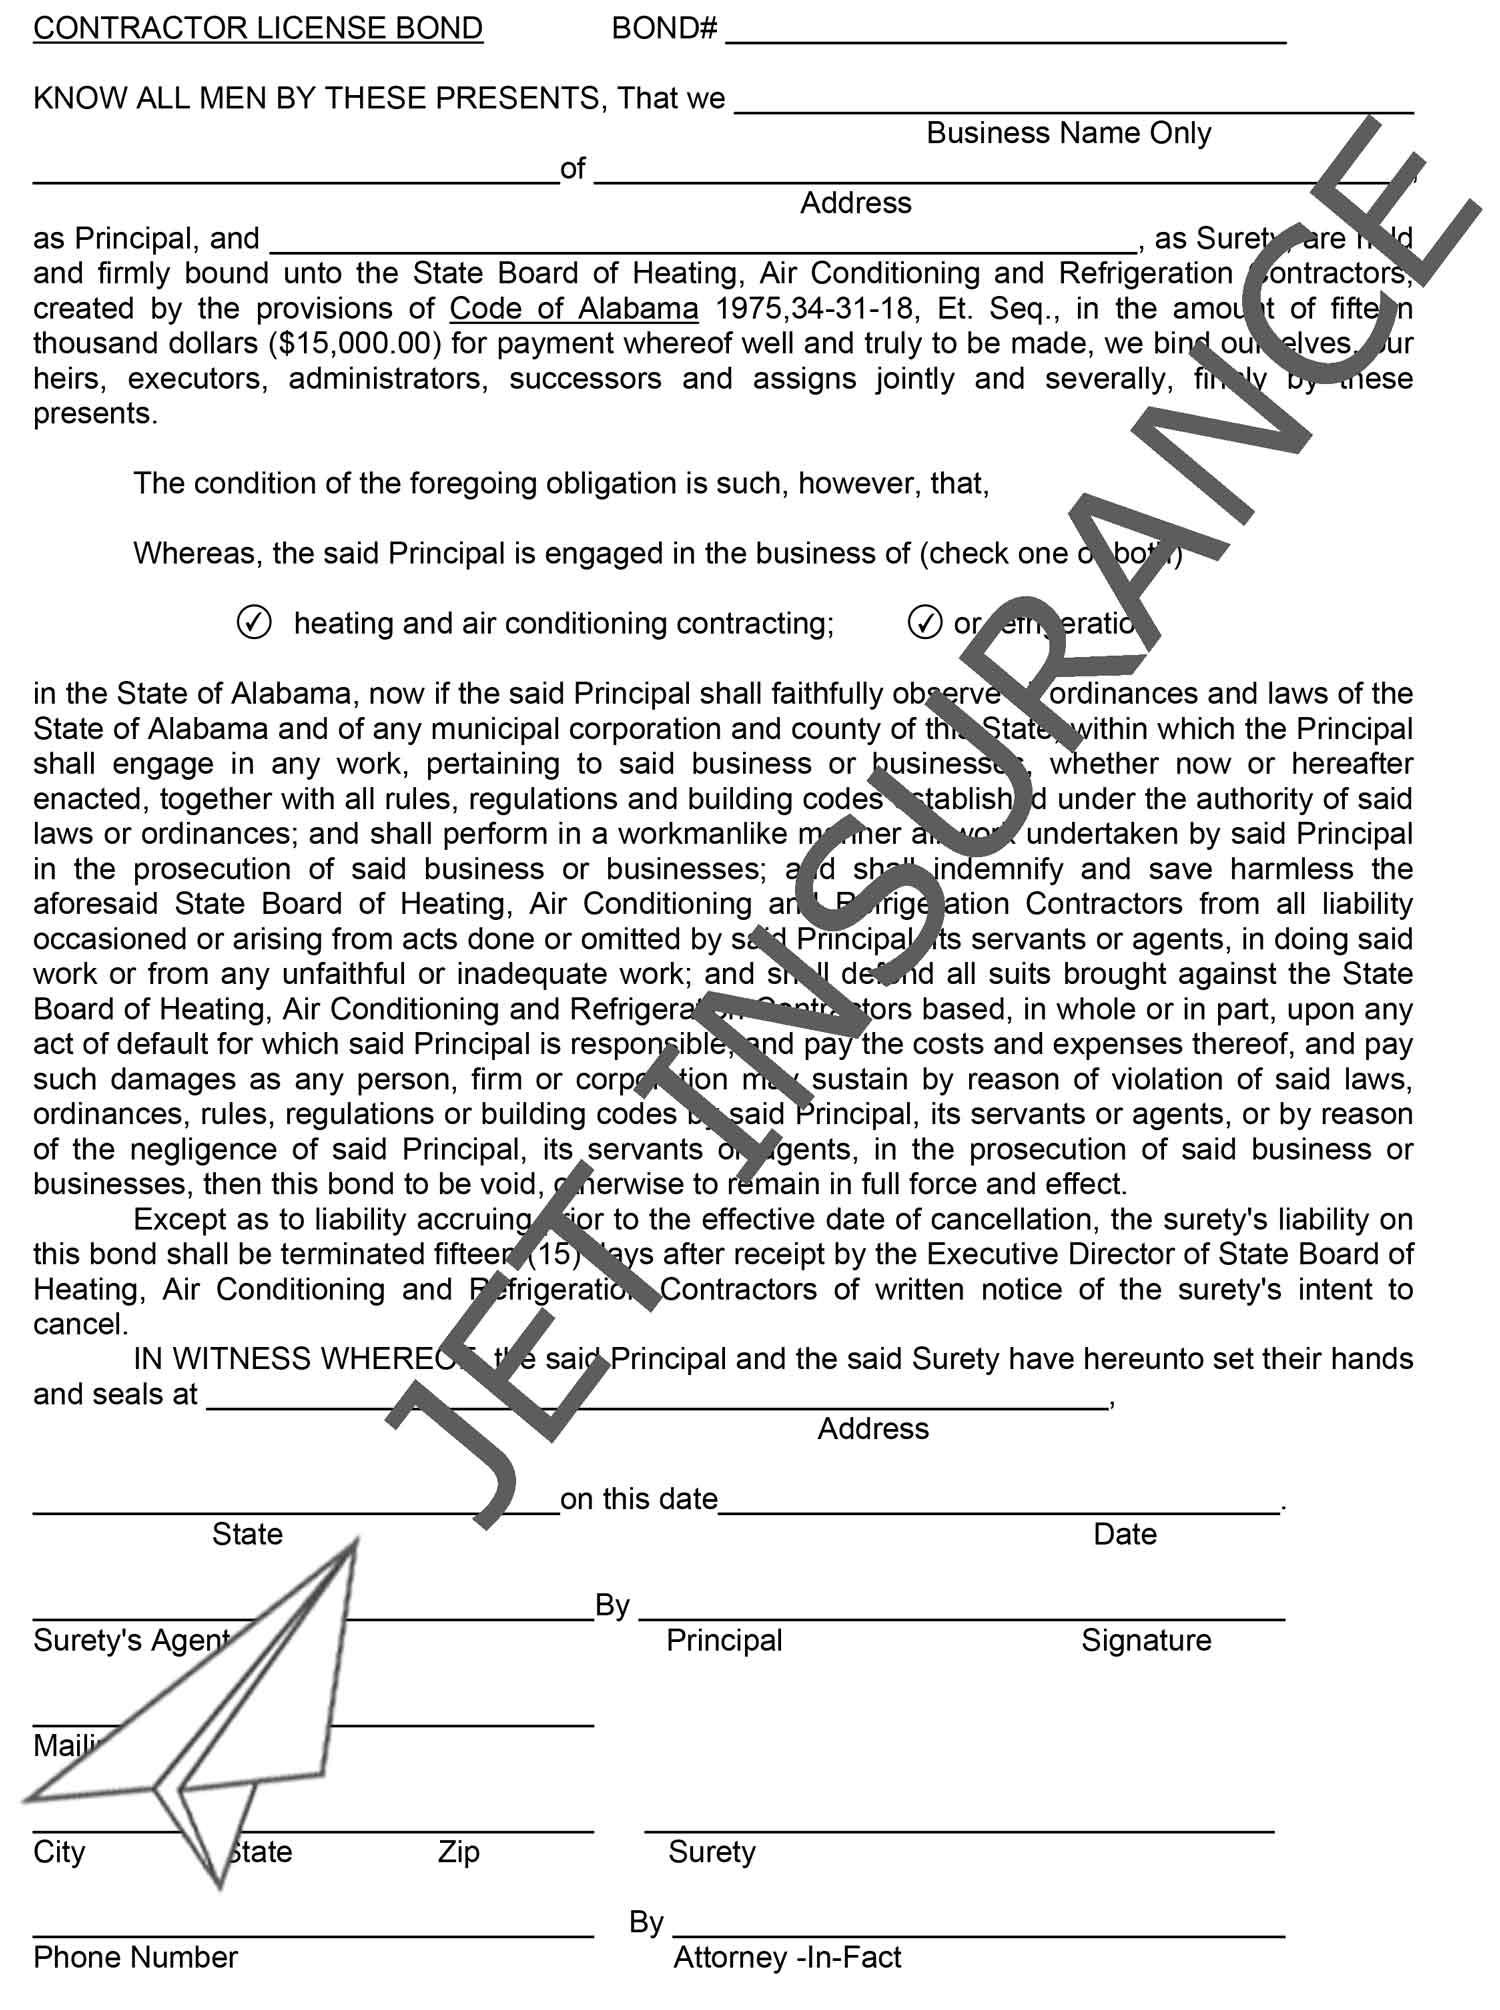 Alabama HVAC and Refrigeration Contractor Bond Form